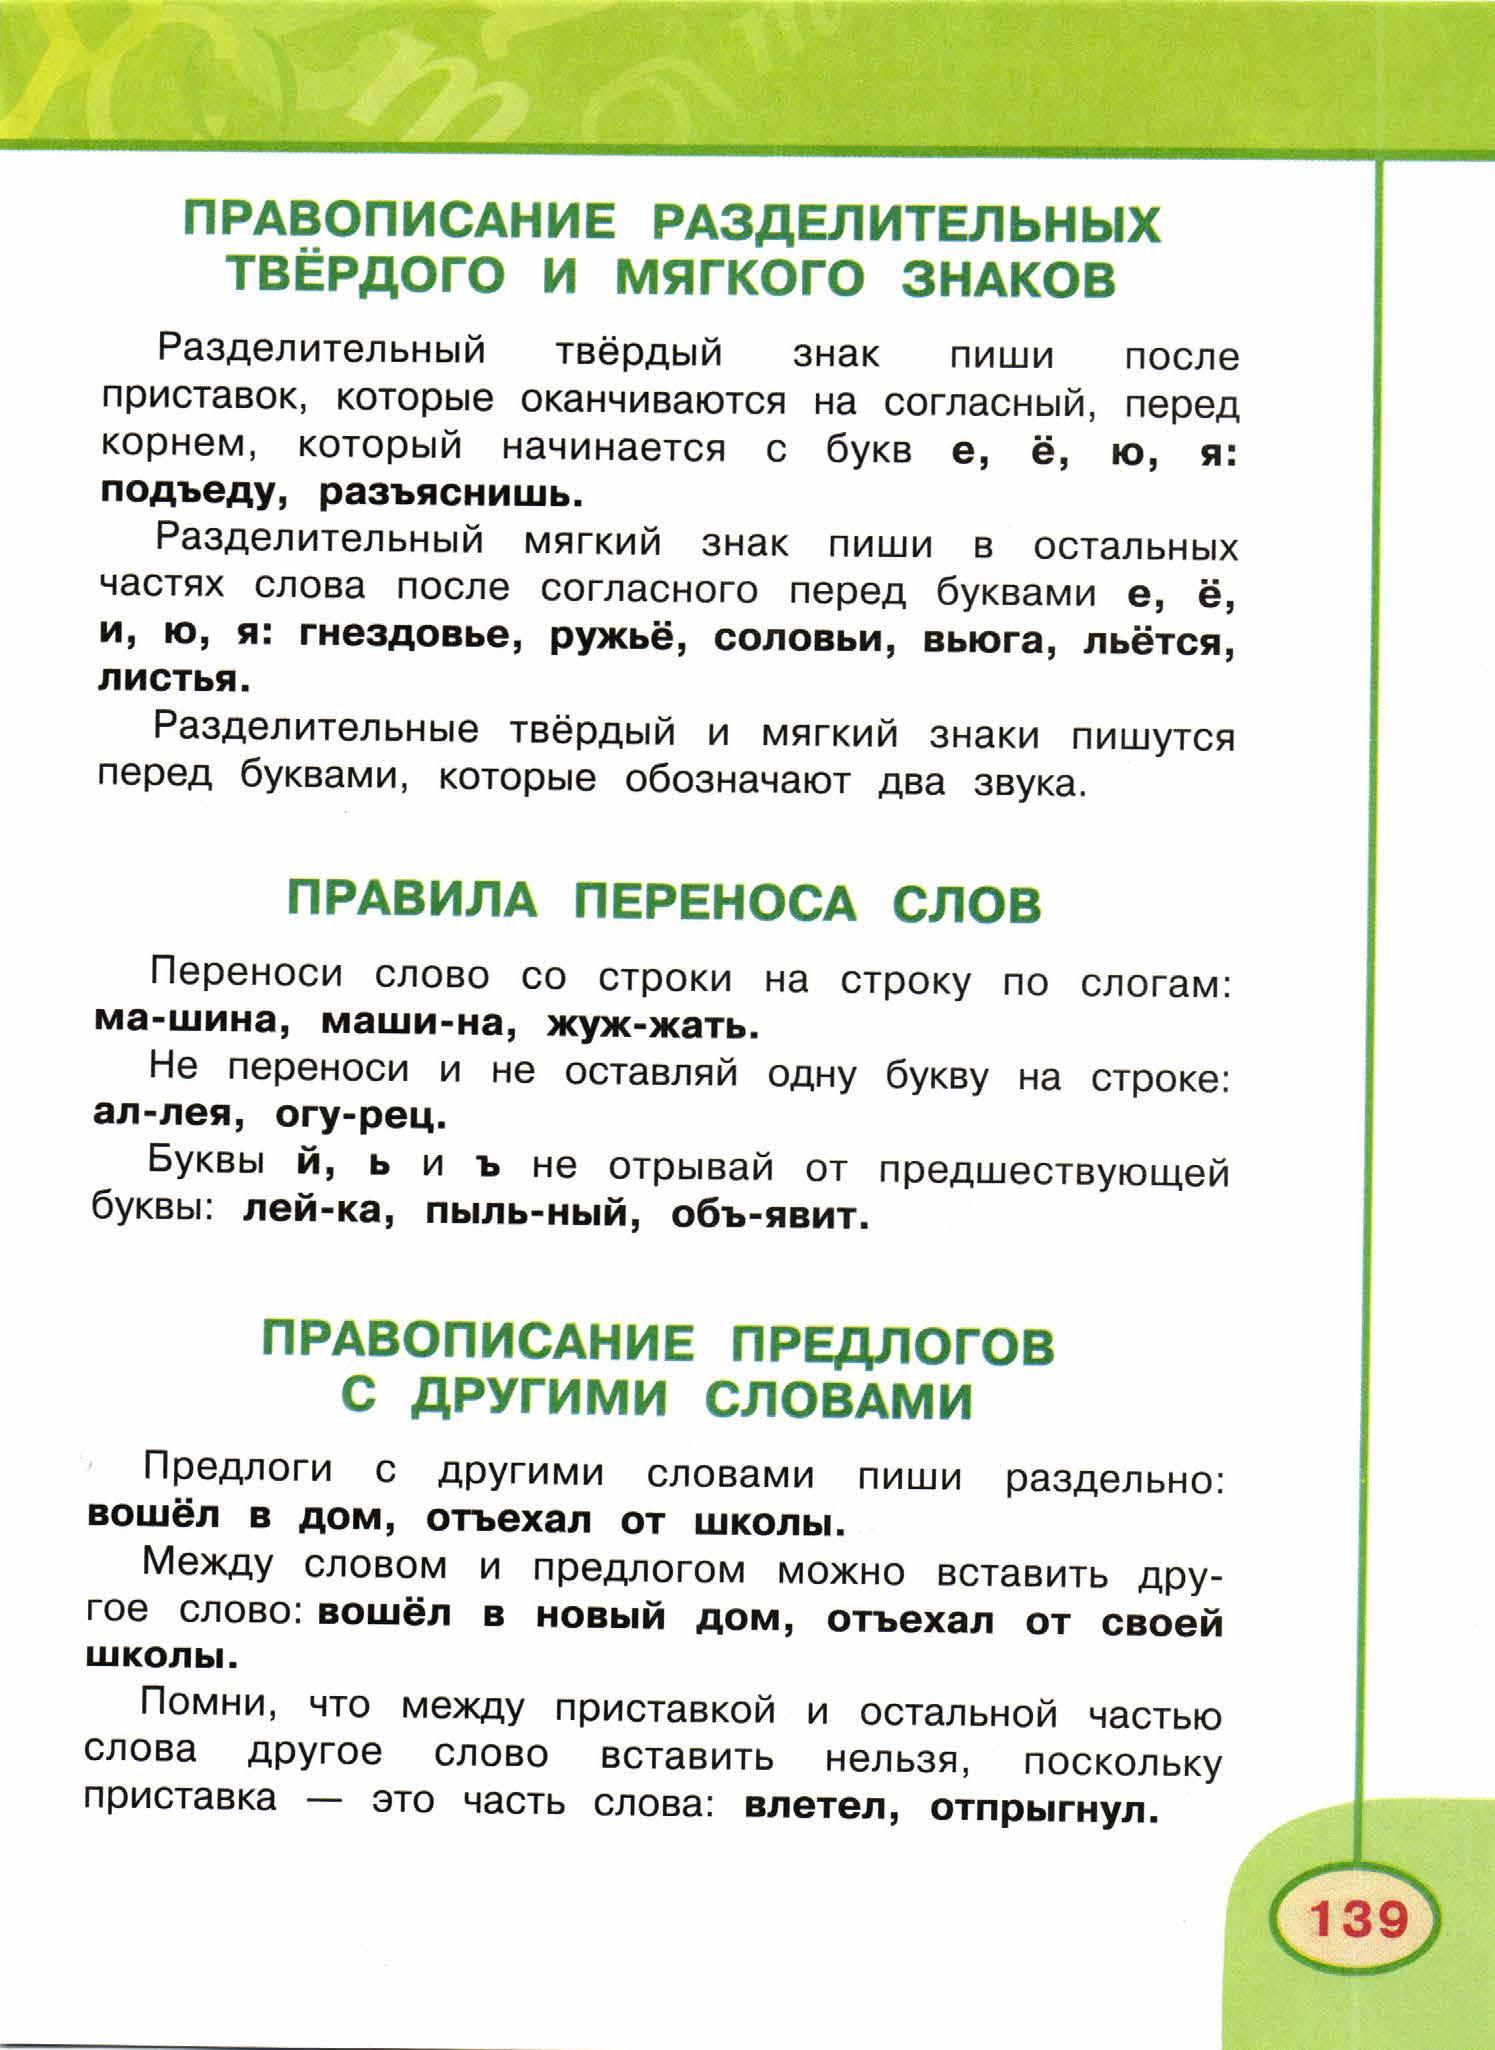 Диктанты по русскому языку 2 класс по программе перспектива